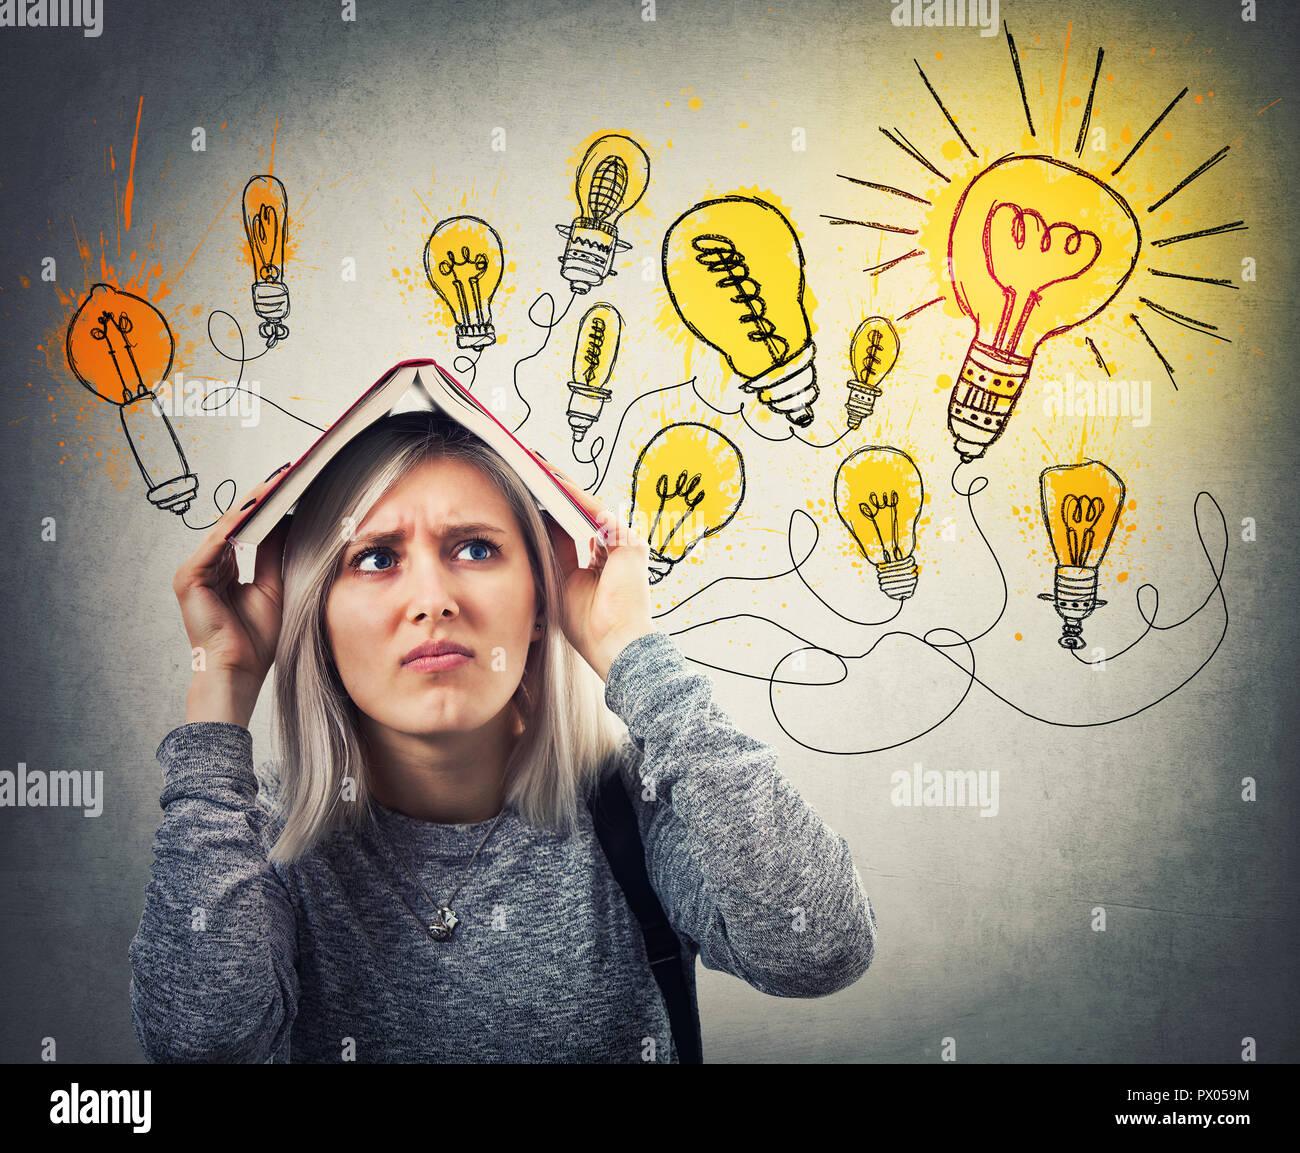 Perplesso giovane donna in possesso di un libro aperto sopra la testa avente molte idee, ha per scegliere la migliore. Ha sottolineato l'emozione, duro pensare guardando shining li Immagini Stock